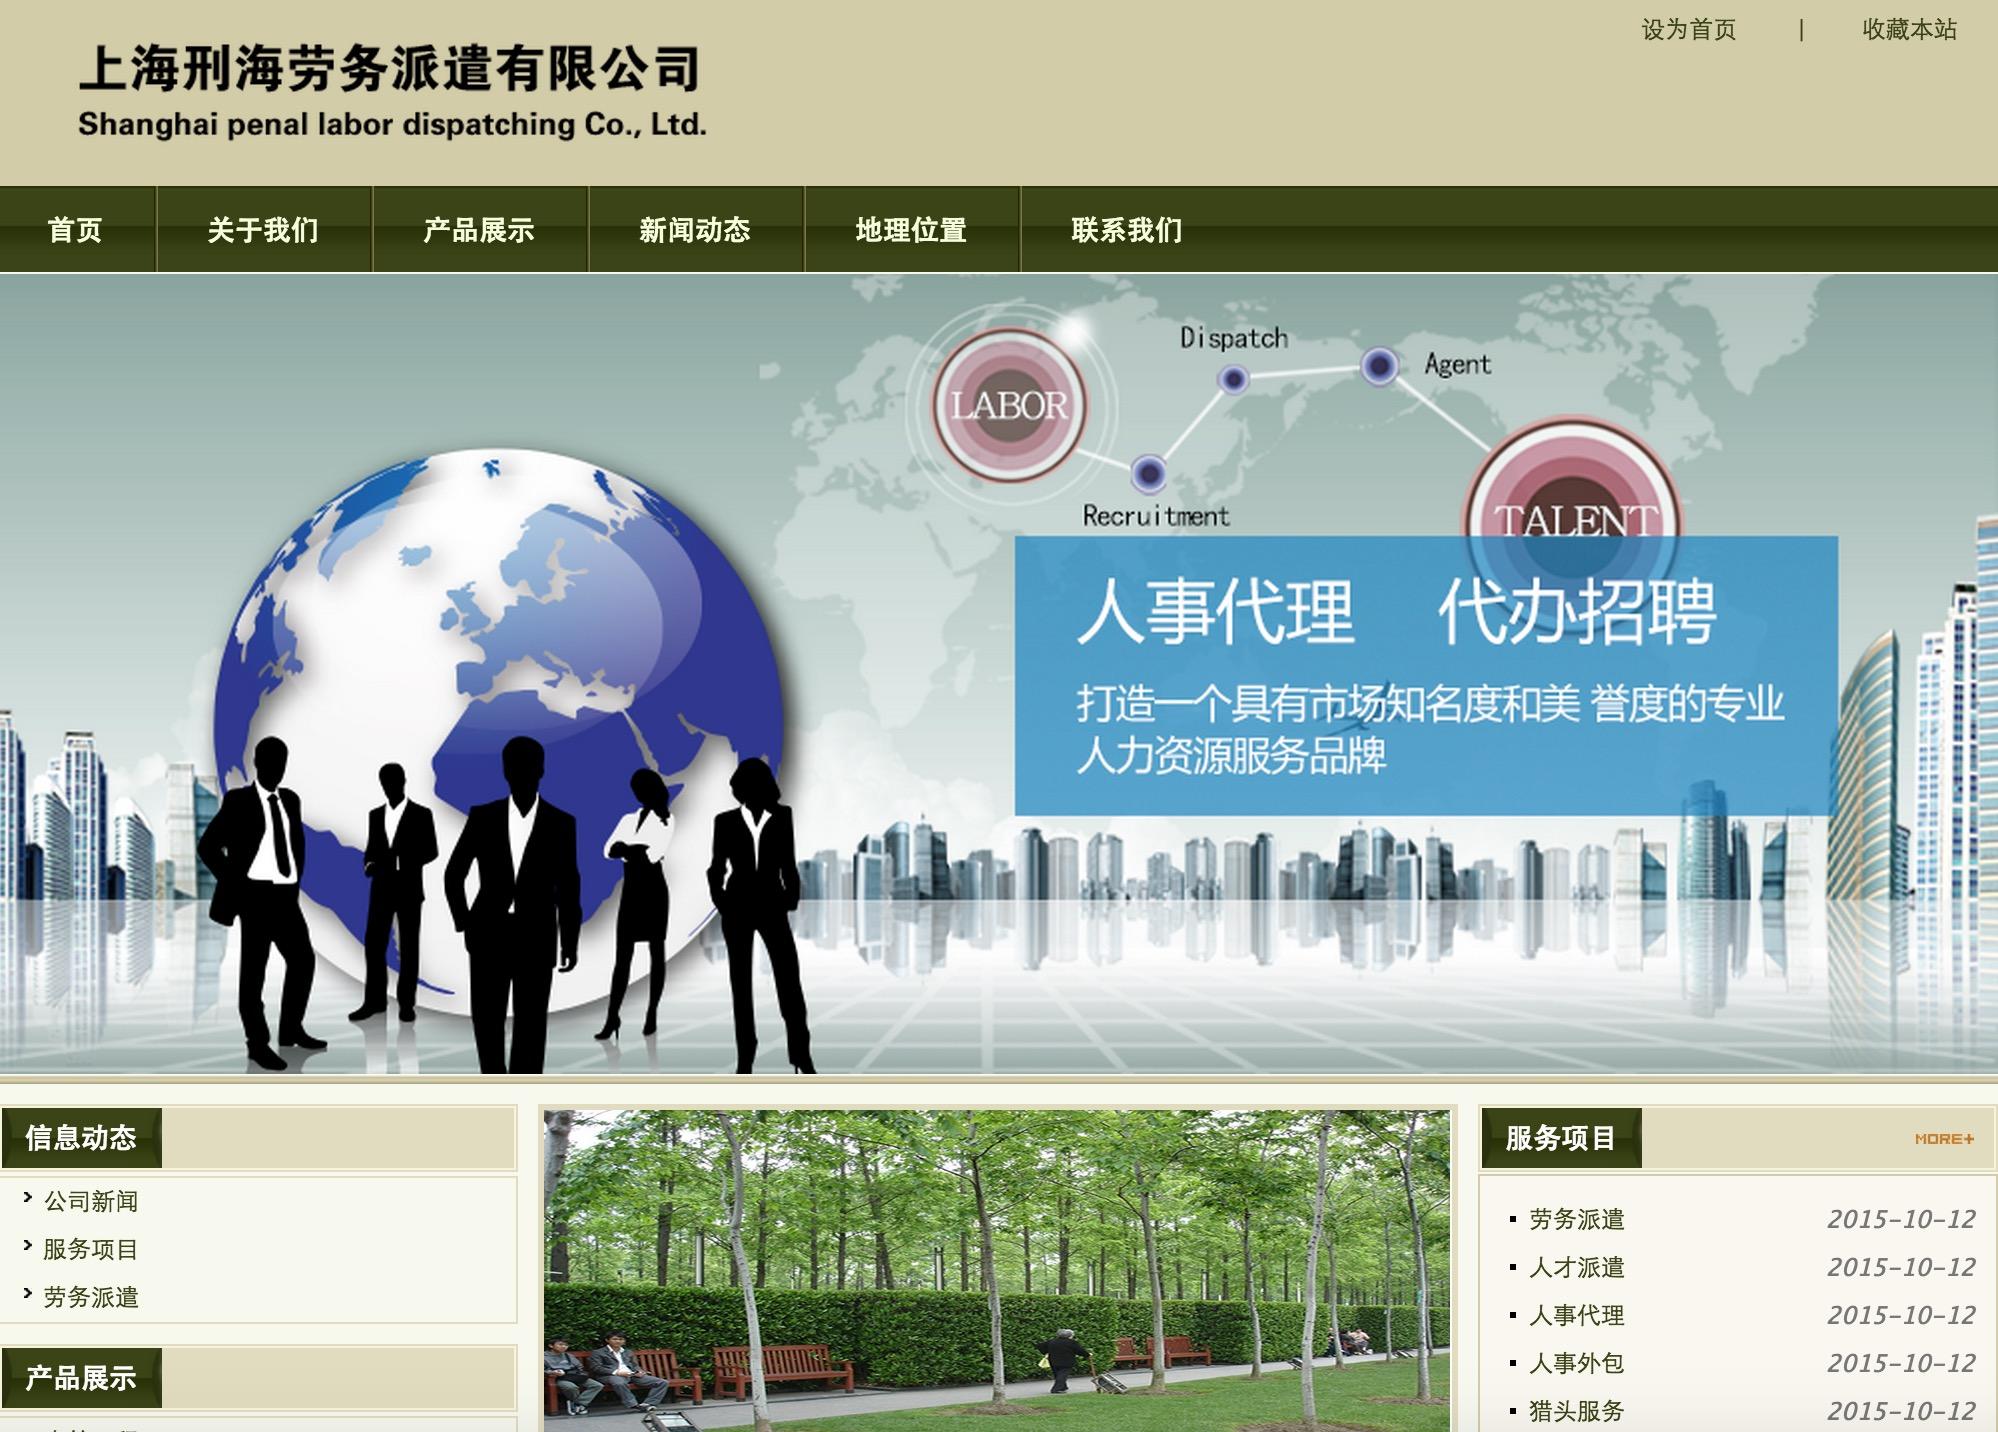 布吉网站建设-上海劳务派遣公司网站